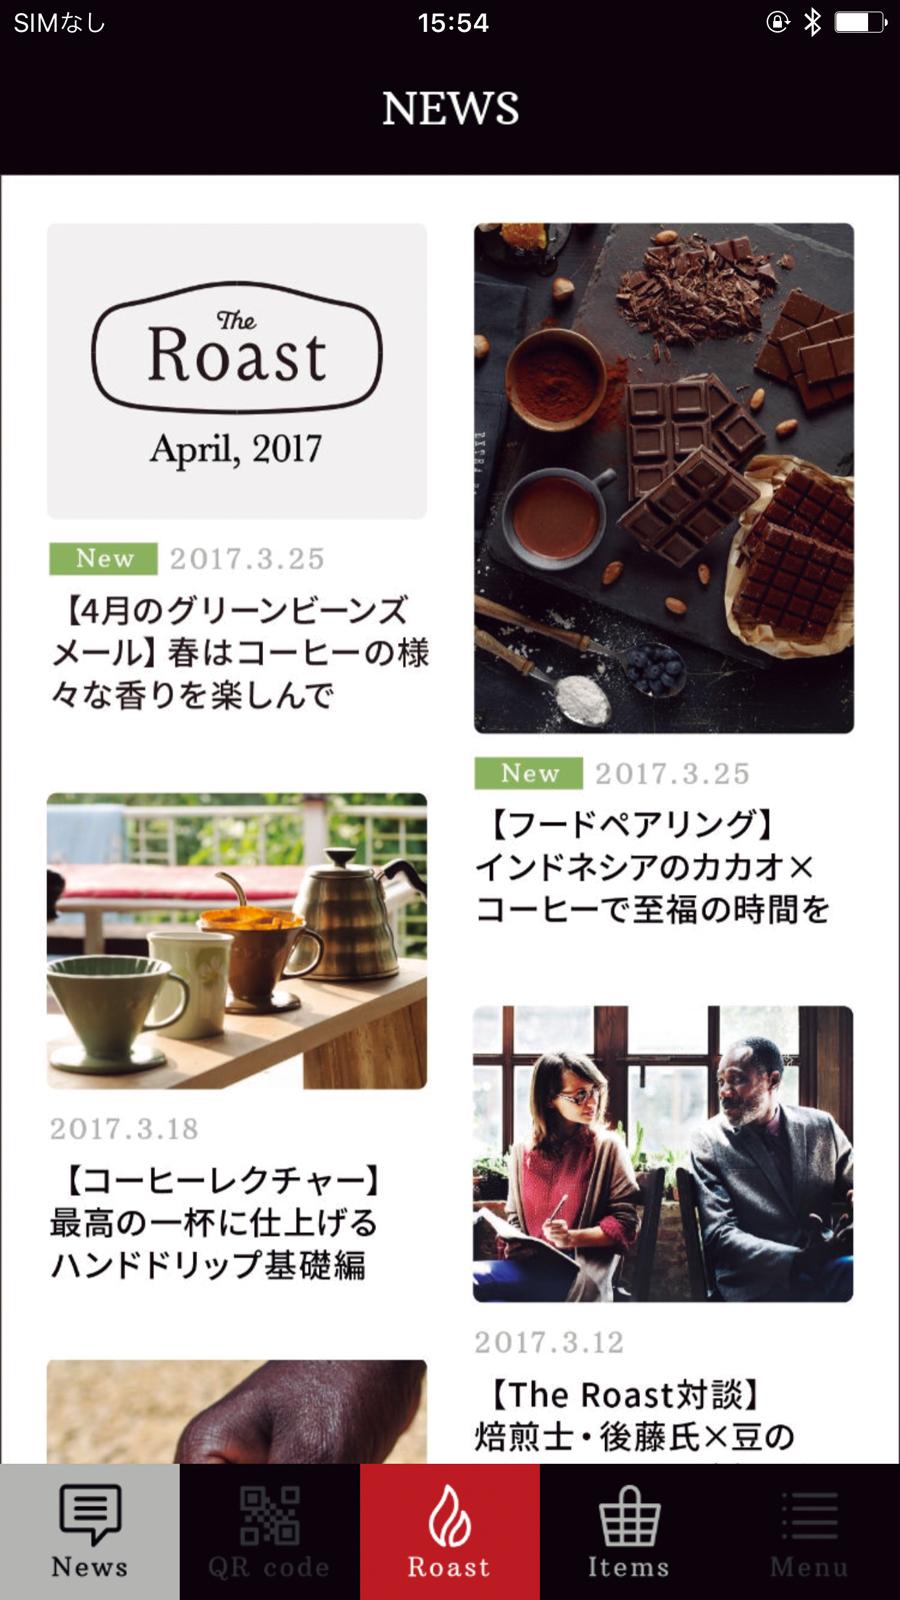 ↑アプリには選んだ生豆の生産地情報などのウンチクも掲載。焙煎待ちの時間に楽しめる